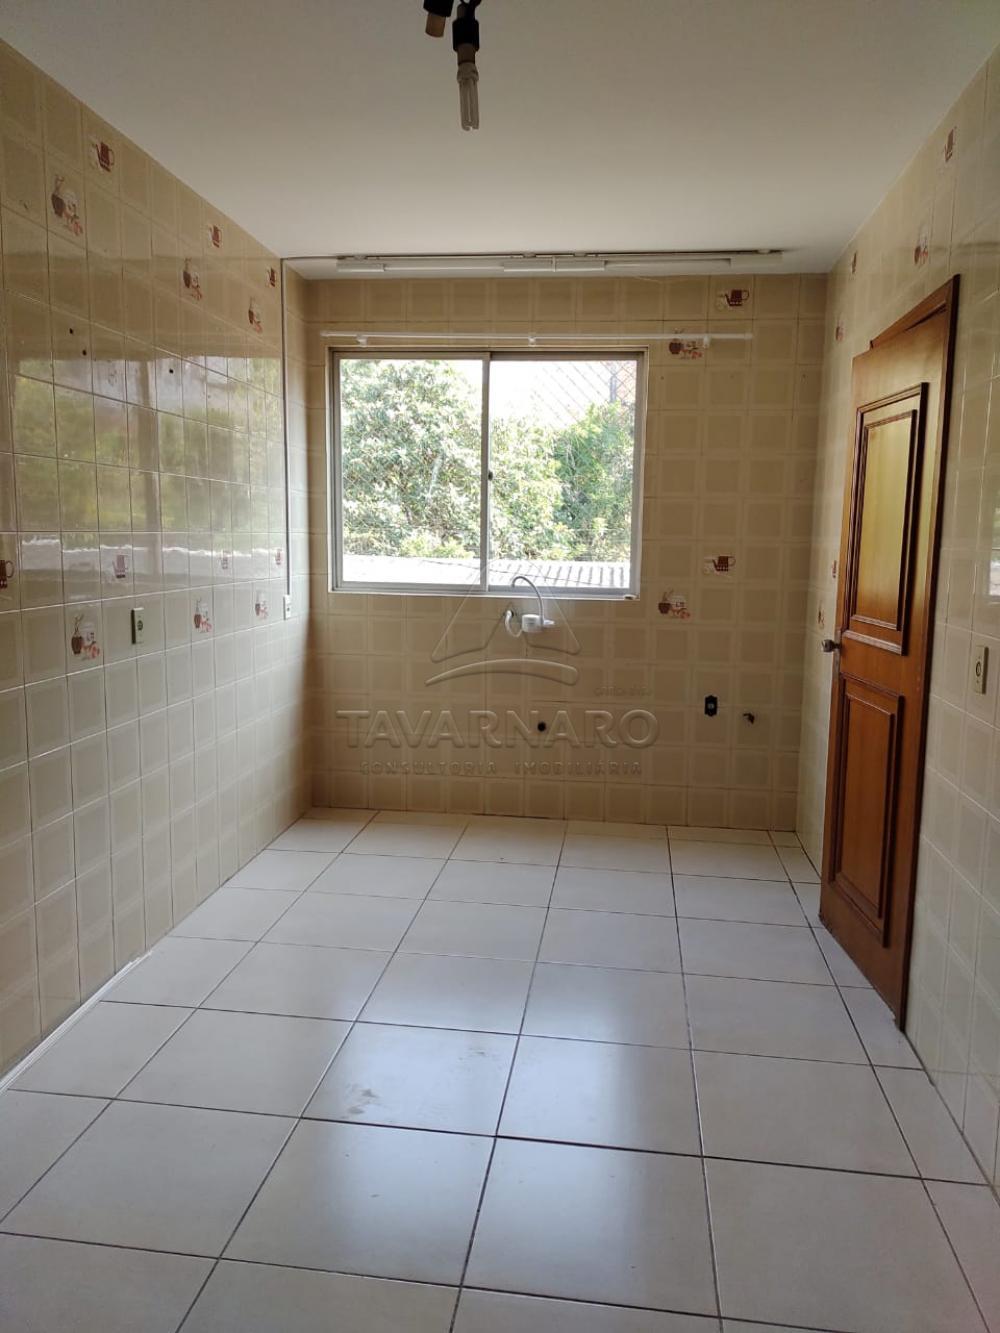 Alugar Apartamento / Padrão em Ponta Grossa apenas R$ 820,00 - Foto 10